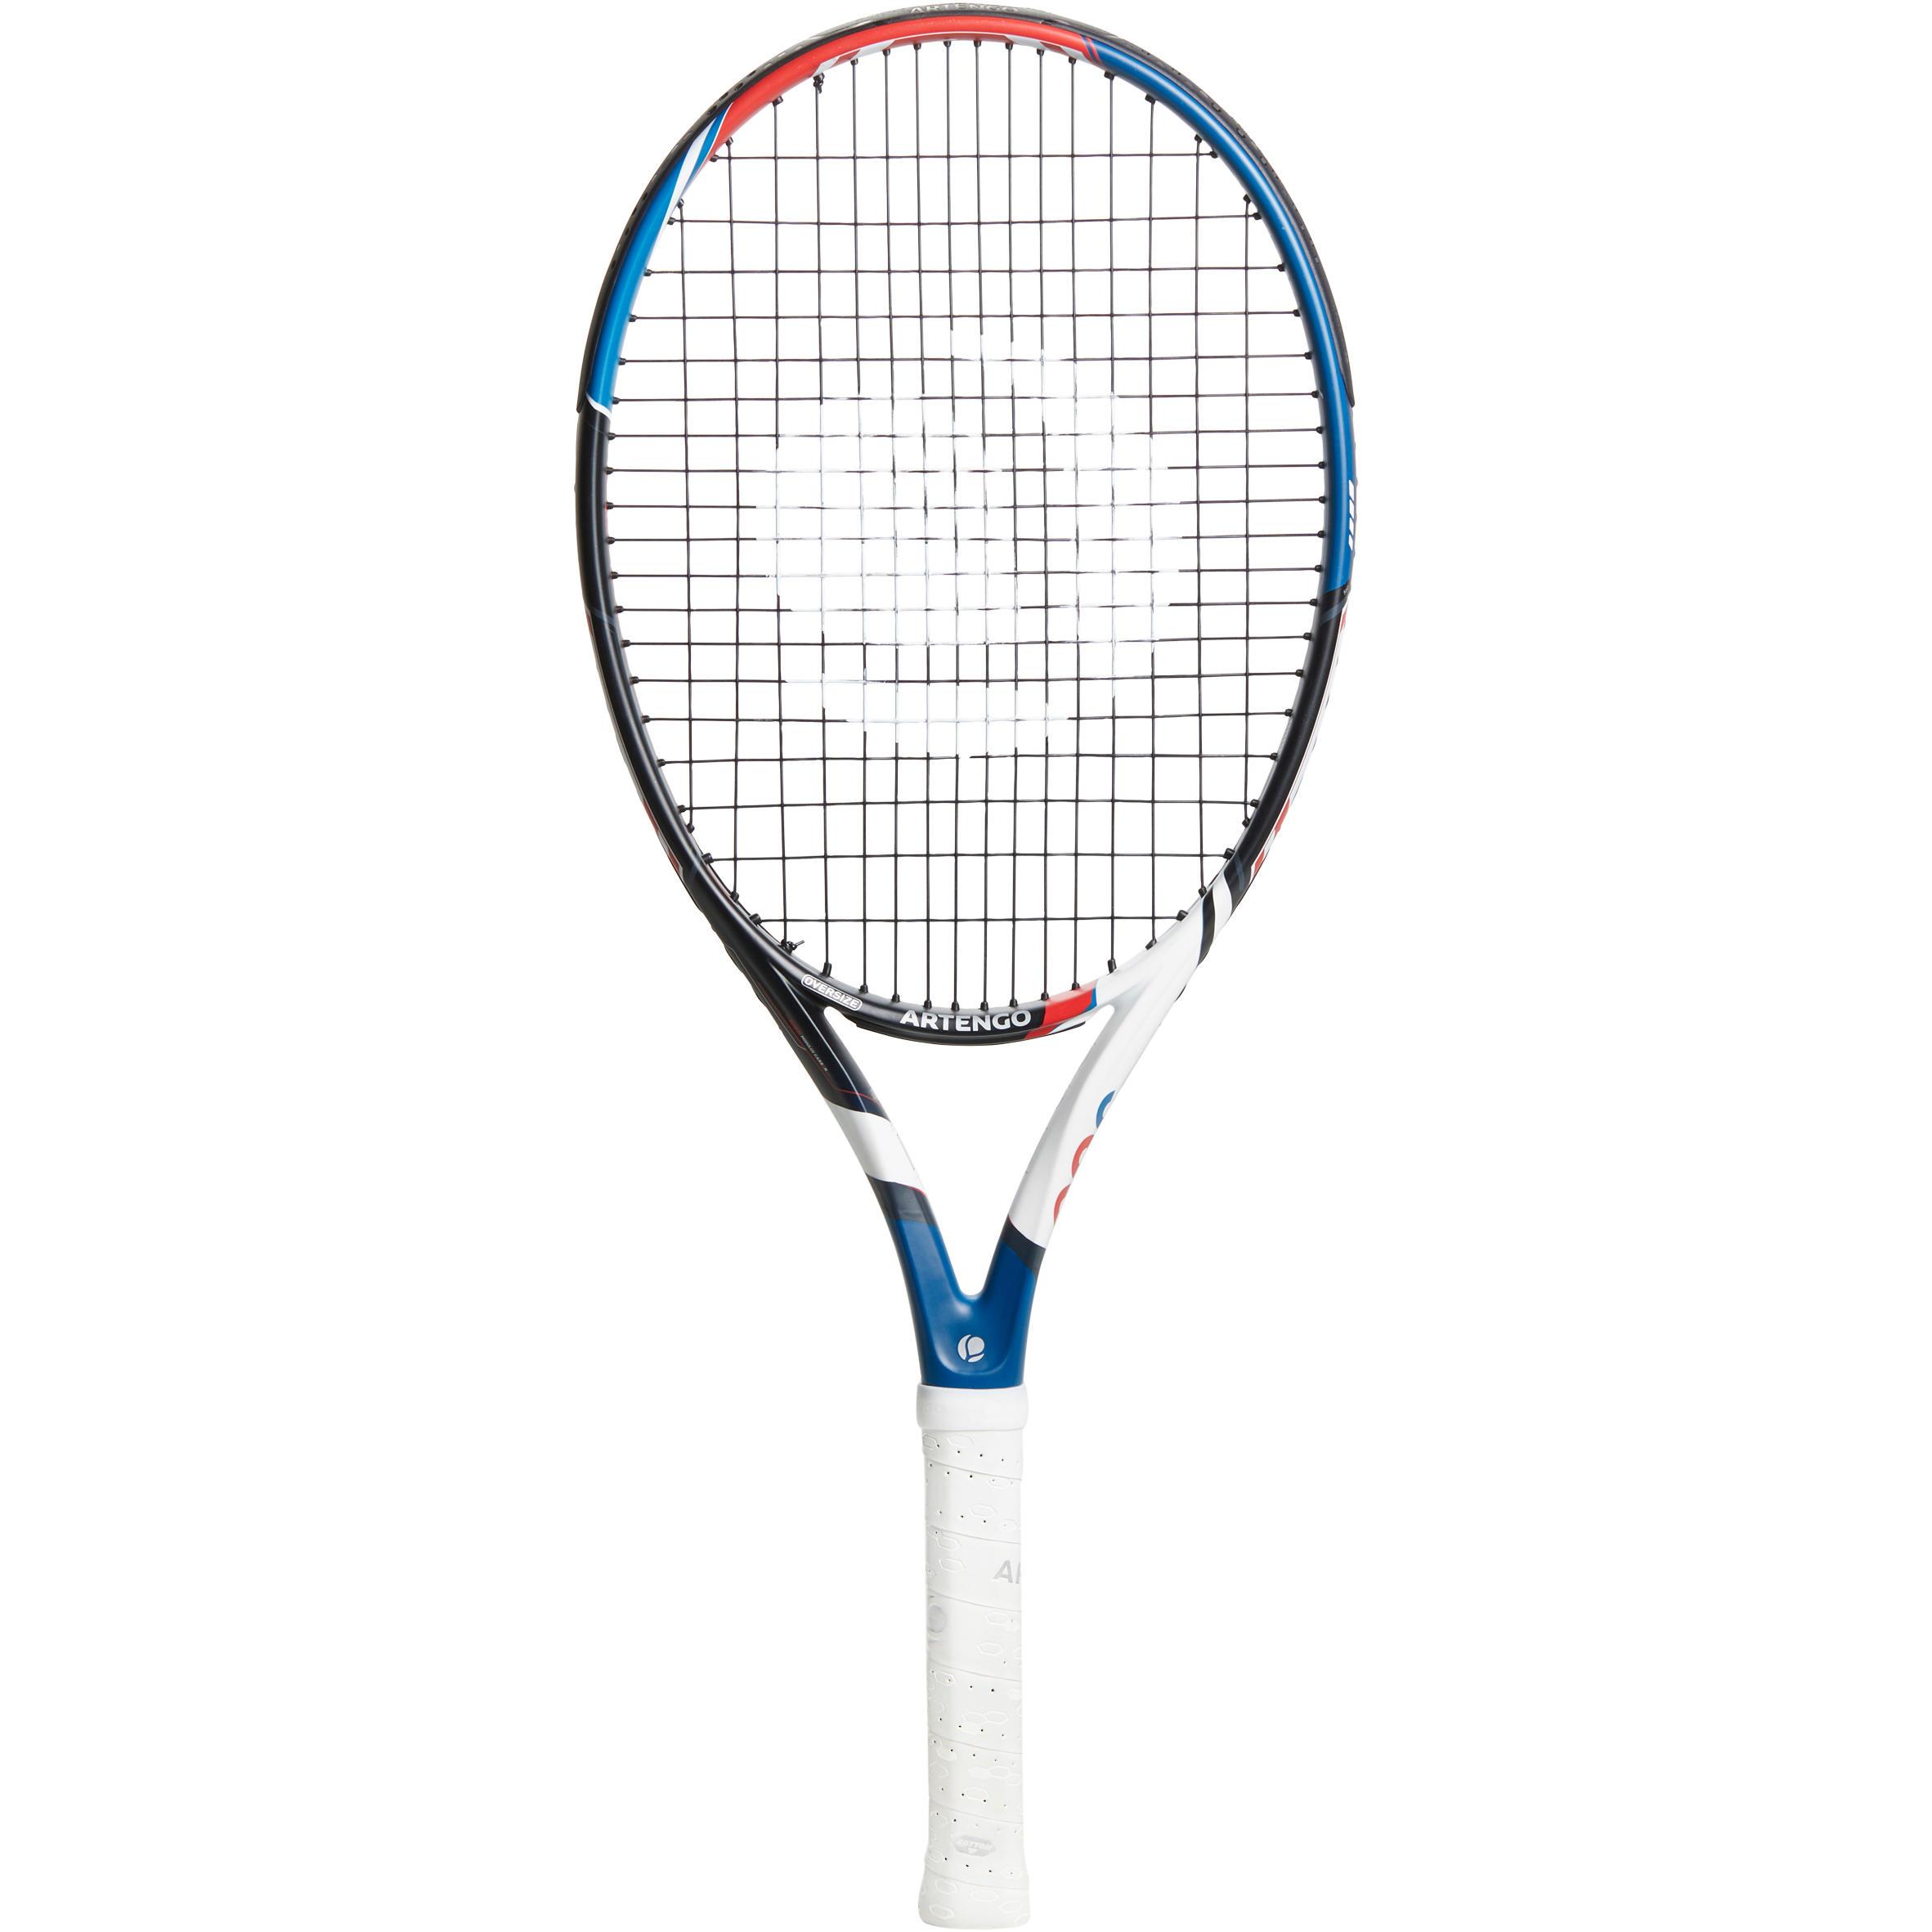 Artengo Tennisracket voor volwassenen TR560 oversized